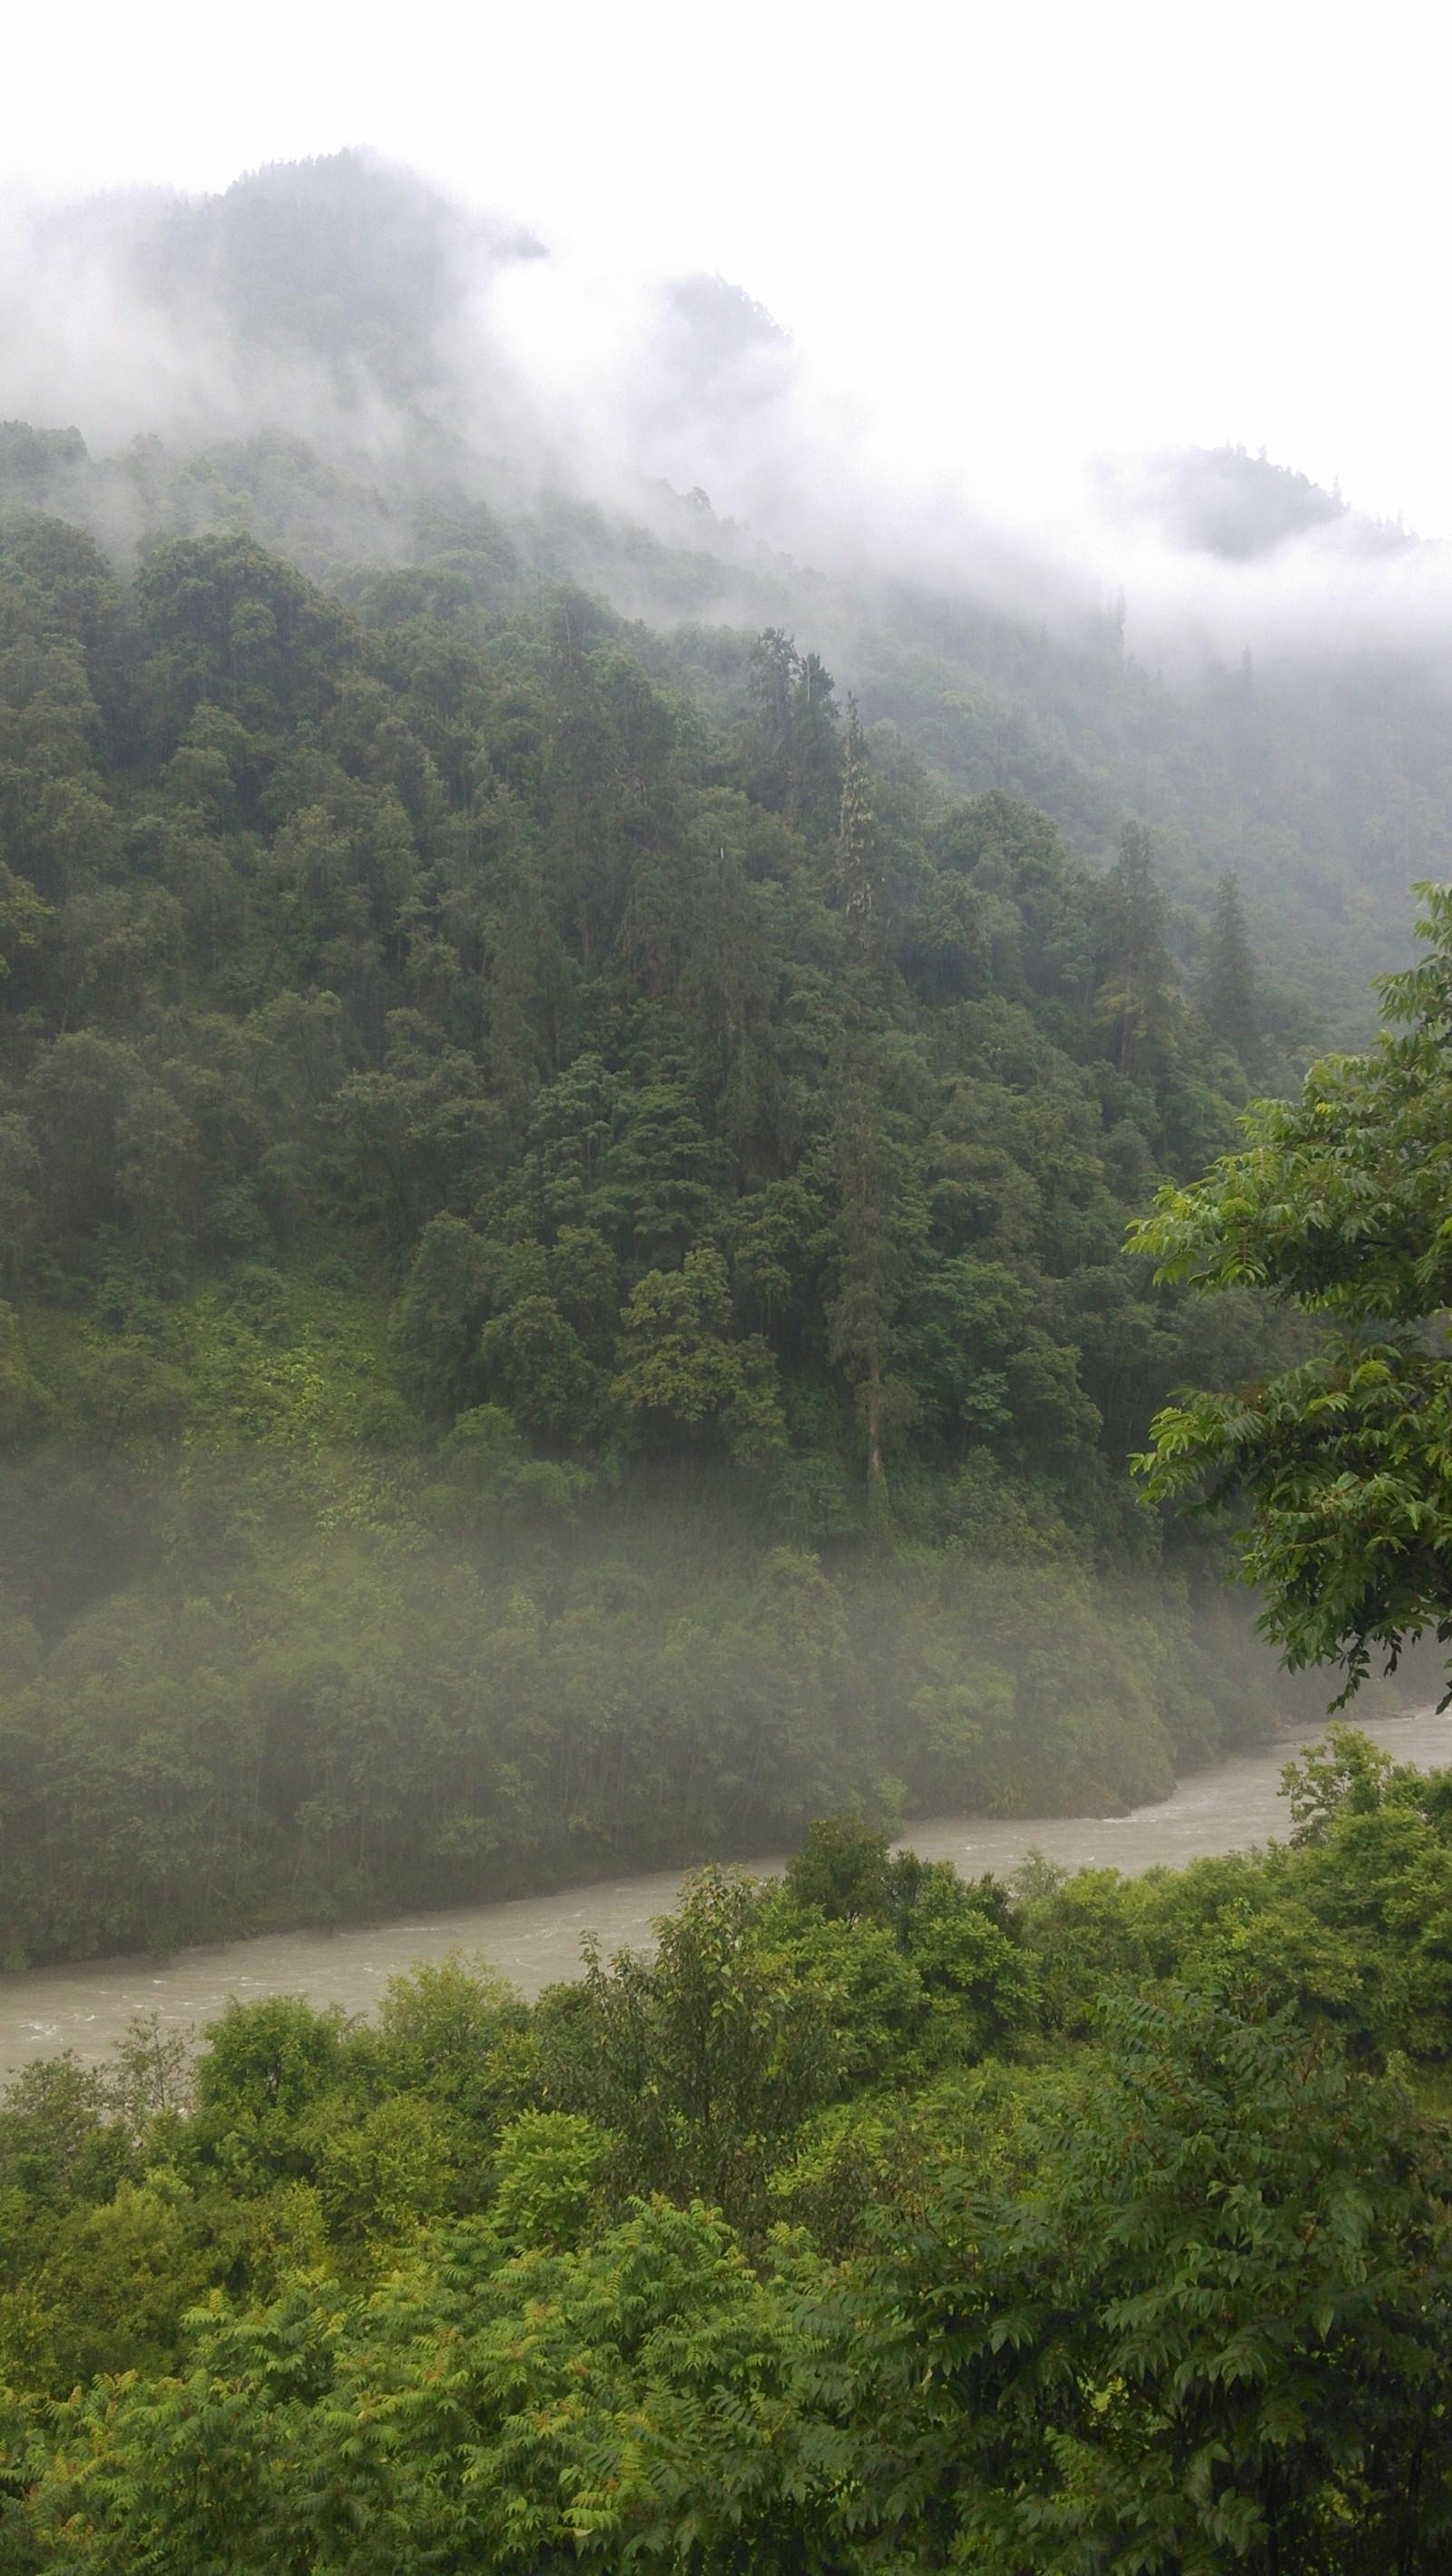 看着窗外云雾飘渺的山,只想到了这么一句:日照香炉生紫烟